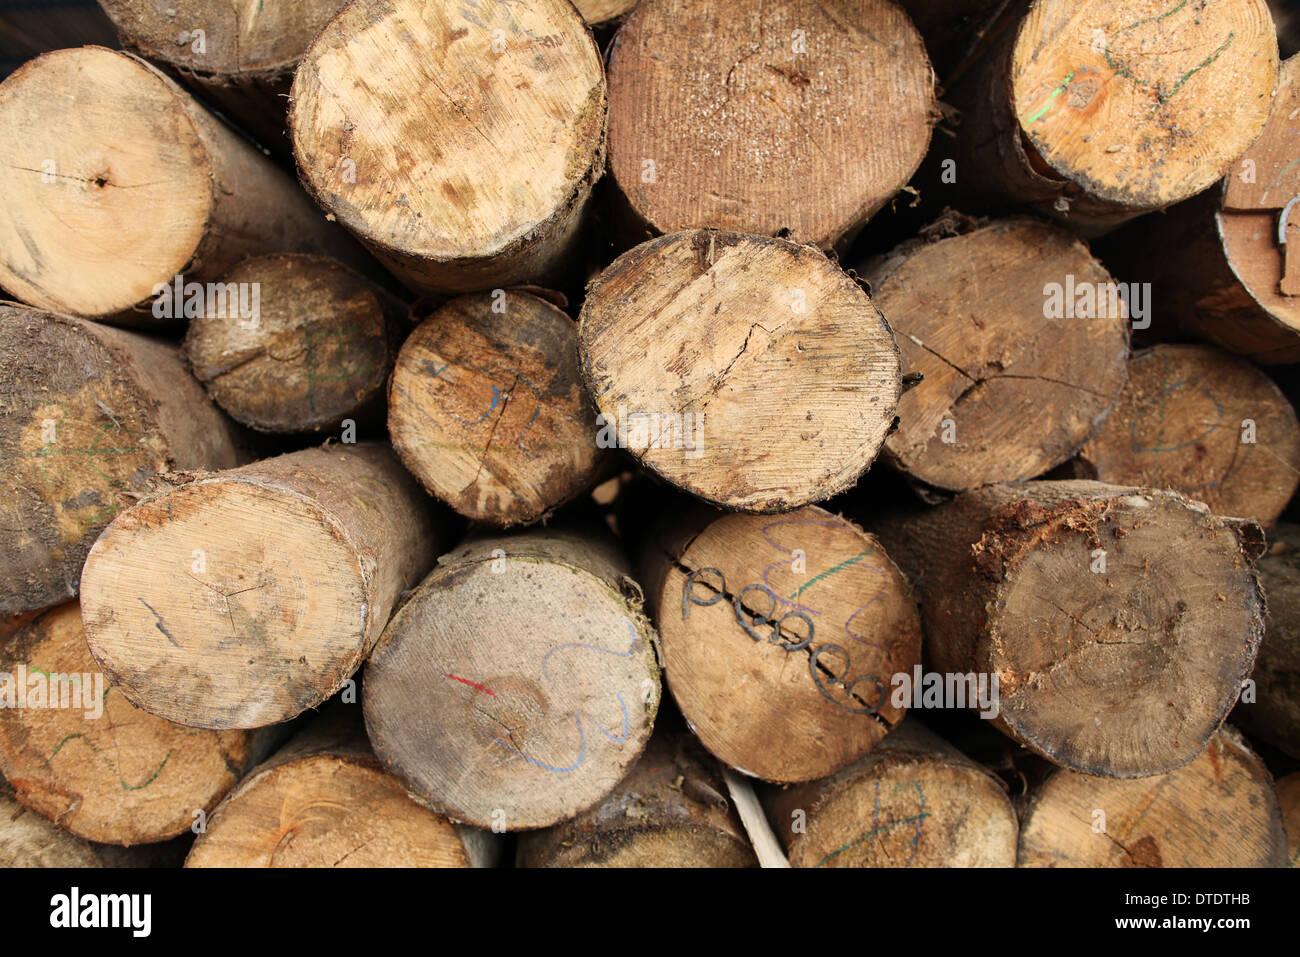 Log in legno sfondi texture Immagini Stock